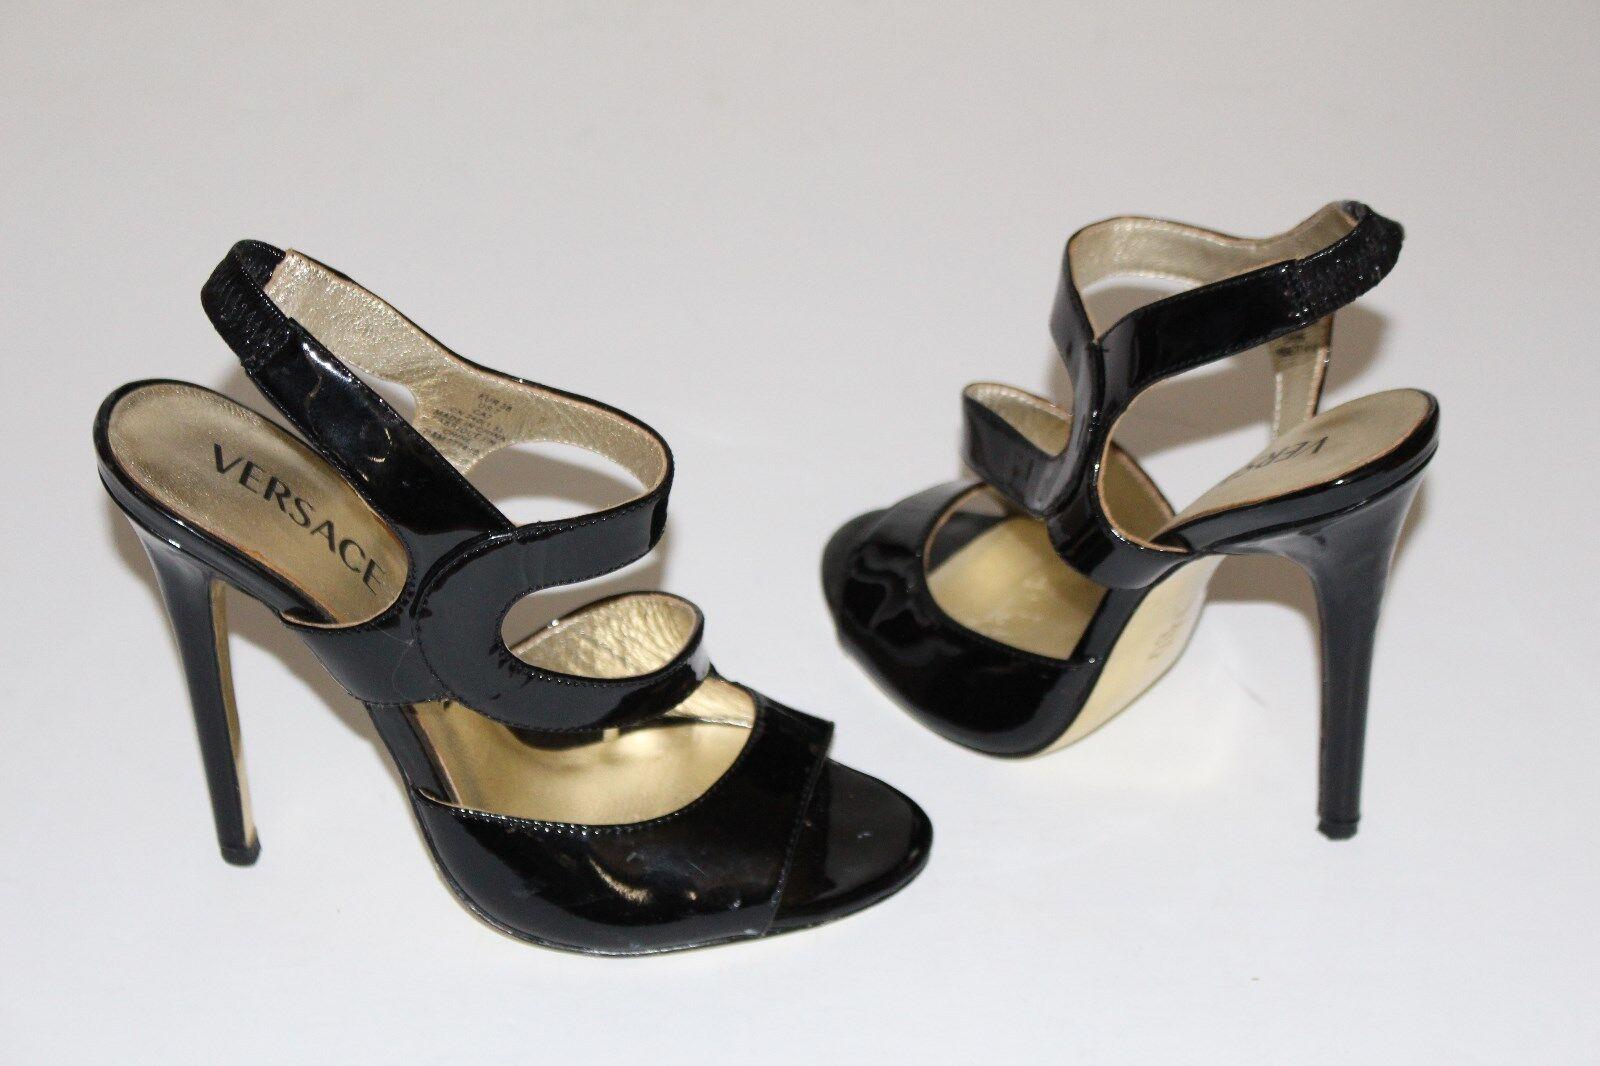 Versace for H&M 7 Negro Patente Sandalias de Tiras De Tacones De Tiras 4.5  oro suelas de cuero 38 06f3b6